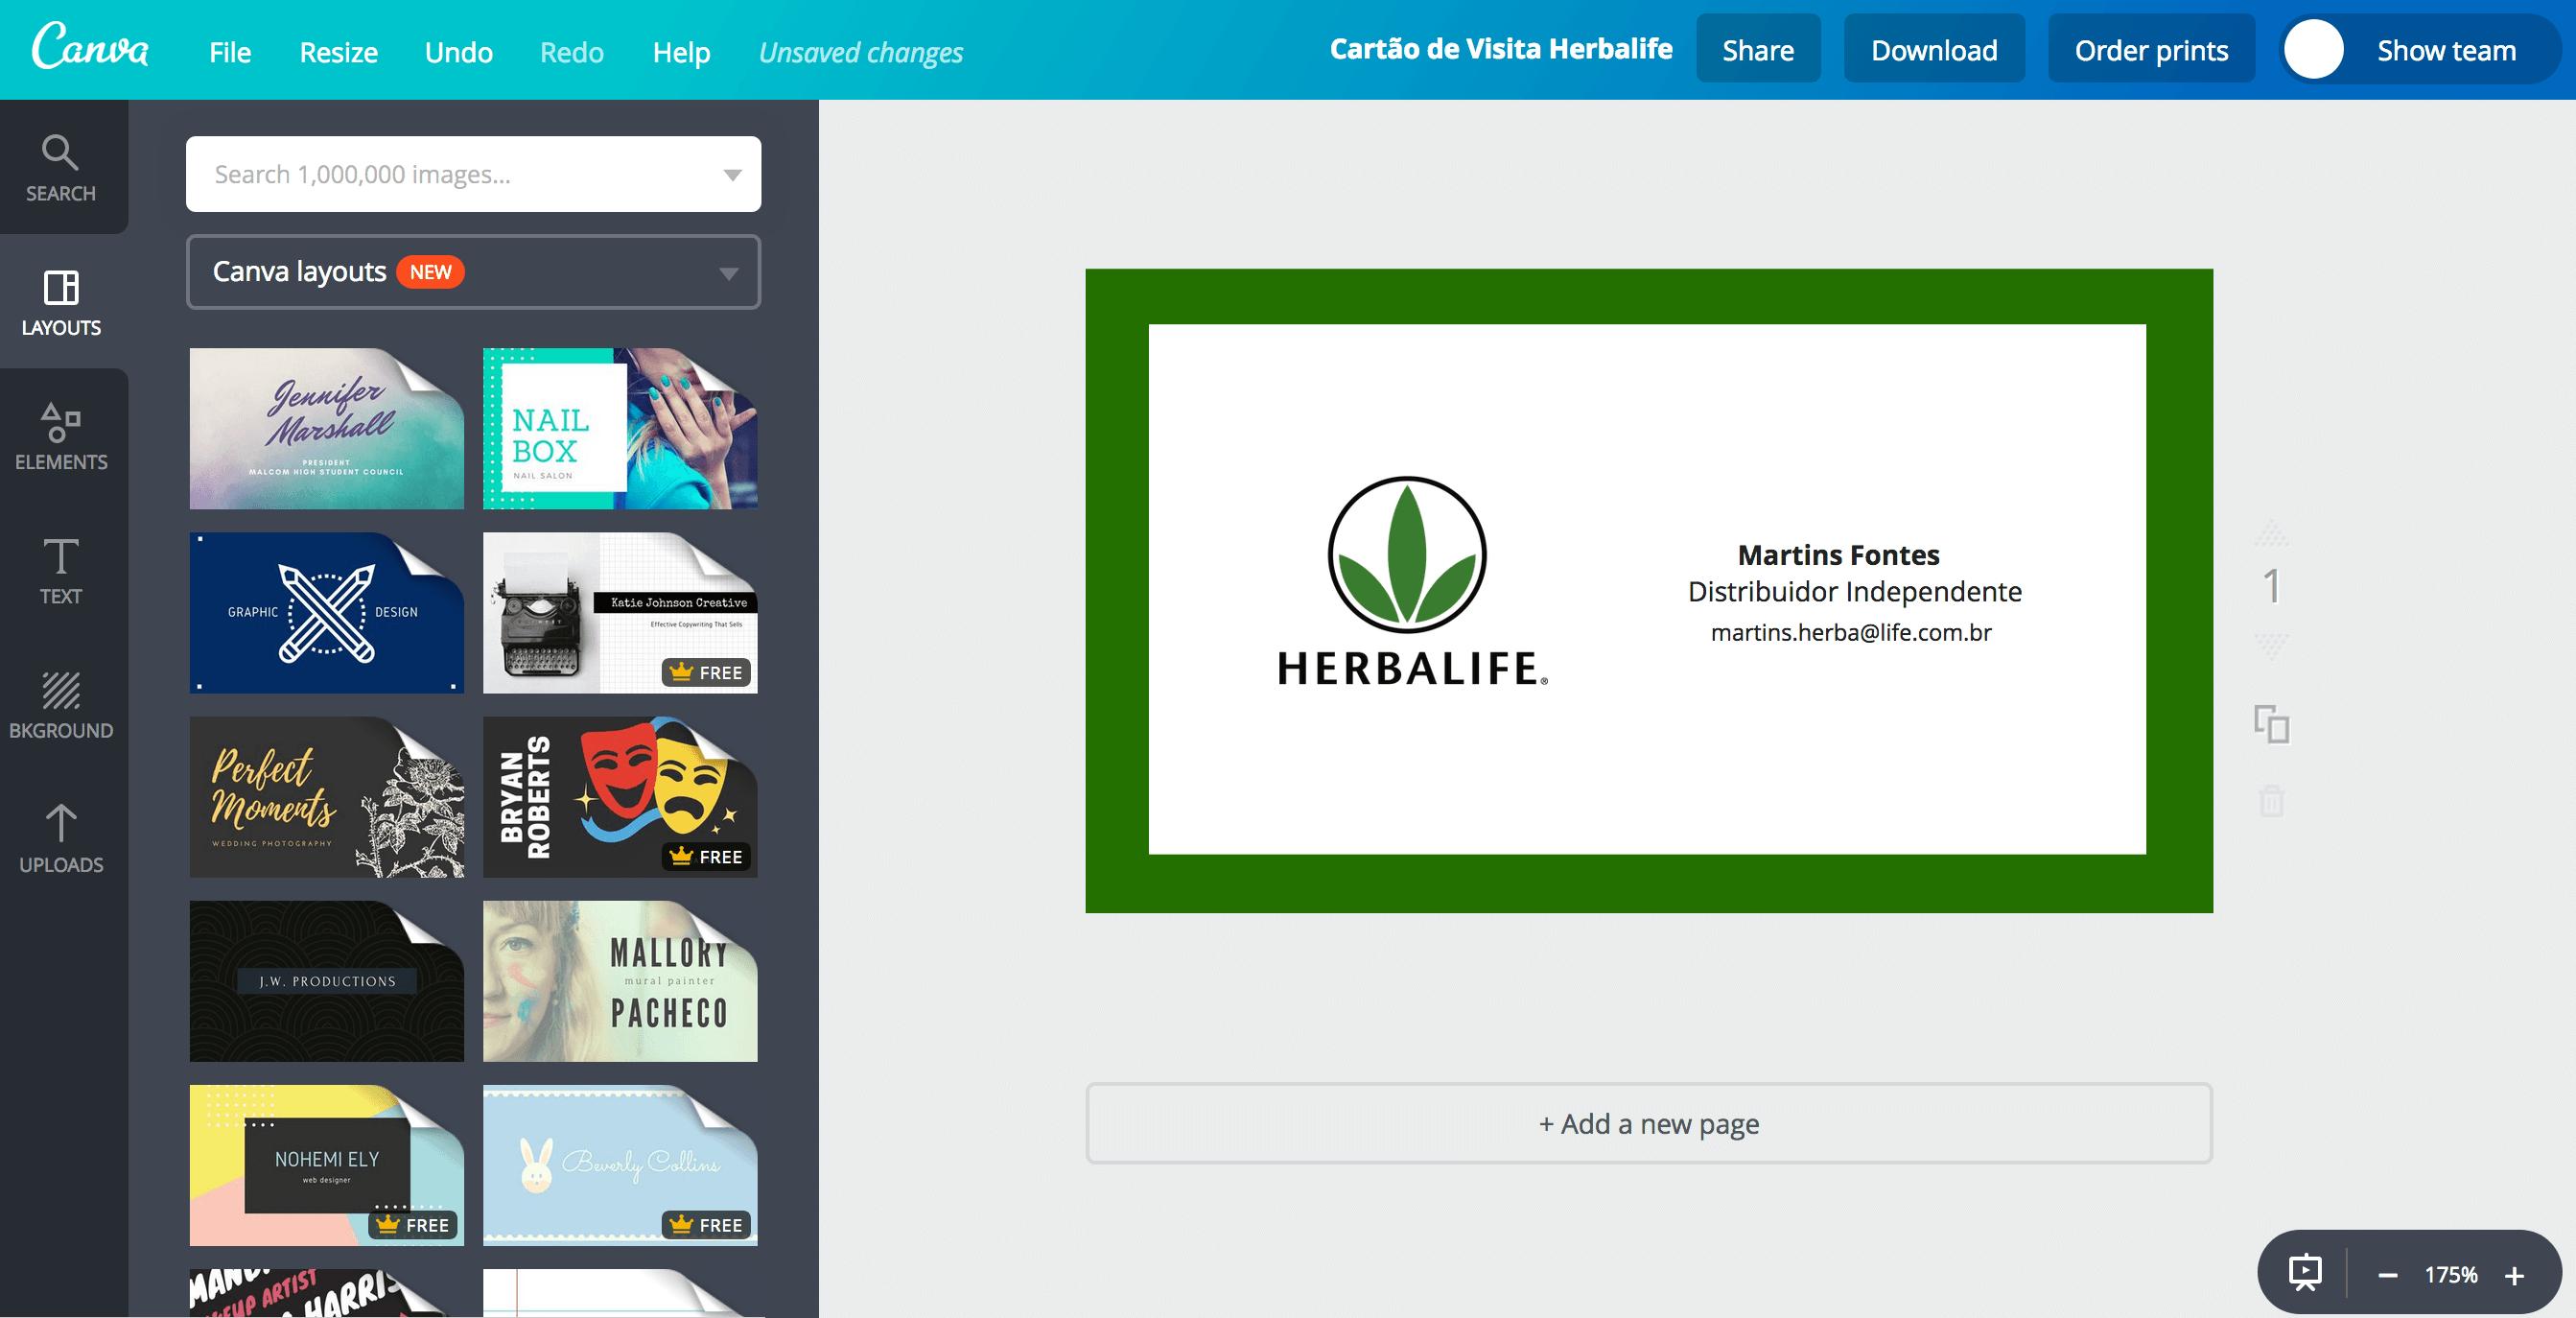 Cartão de visita para Herbalife